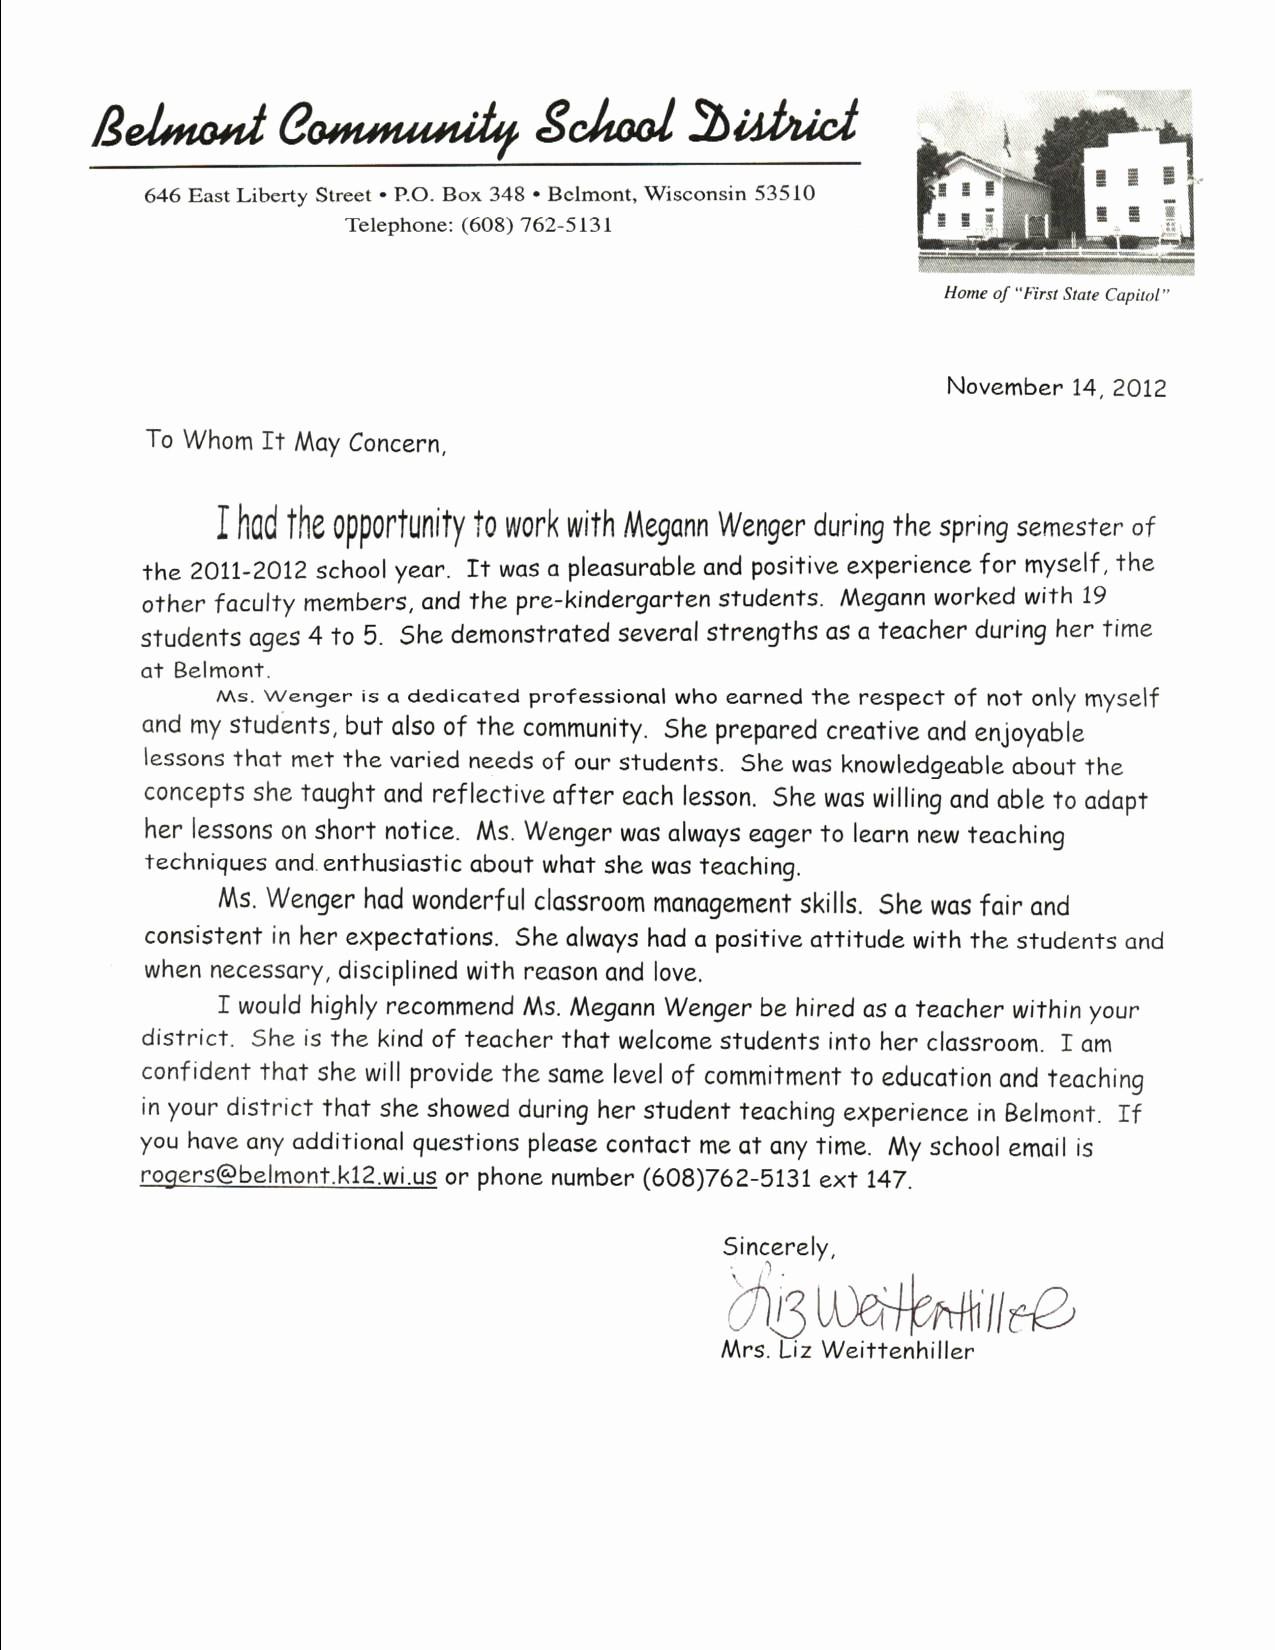 Teacher Letter Of Recommendation Template Lovely Kindergarten Letter Re Mendation Cover Letter